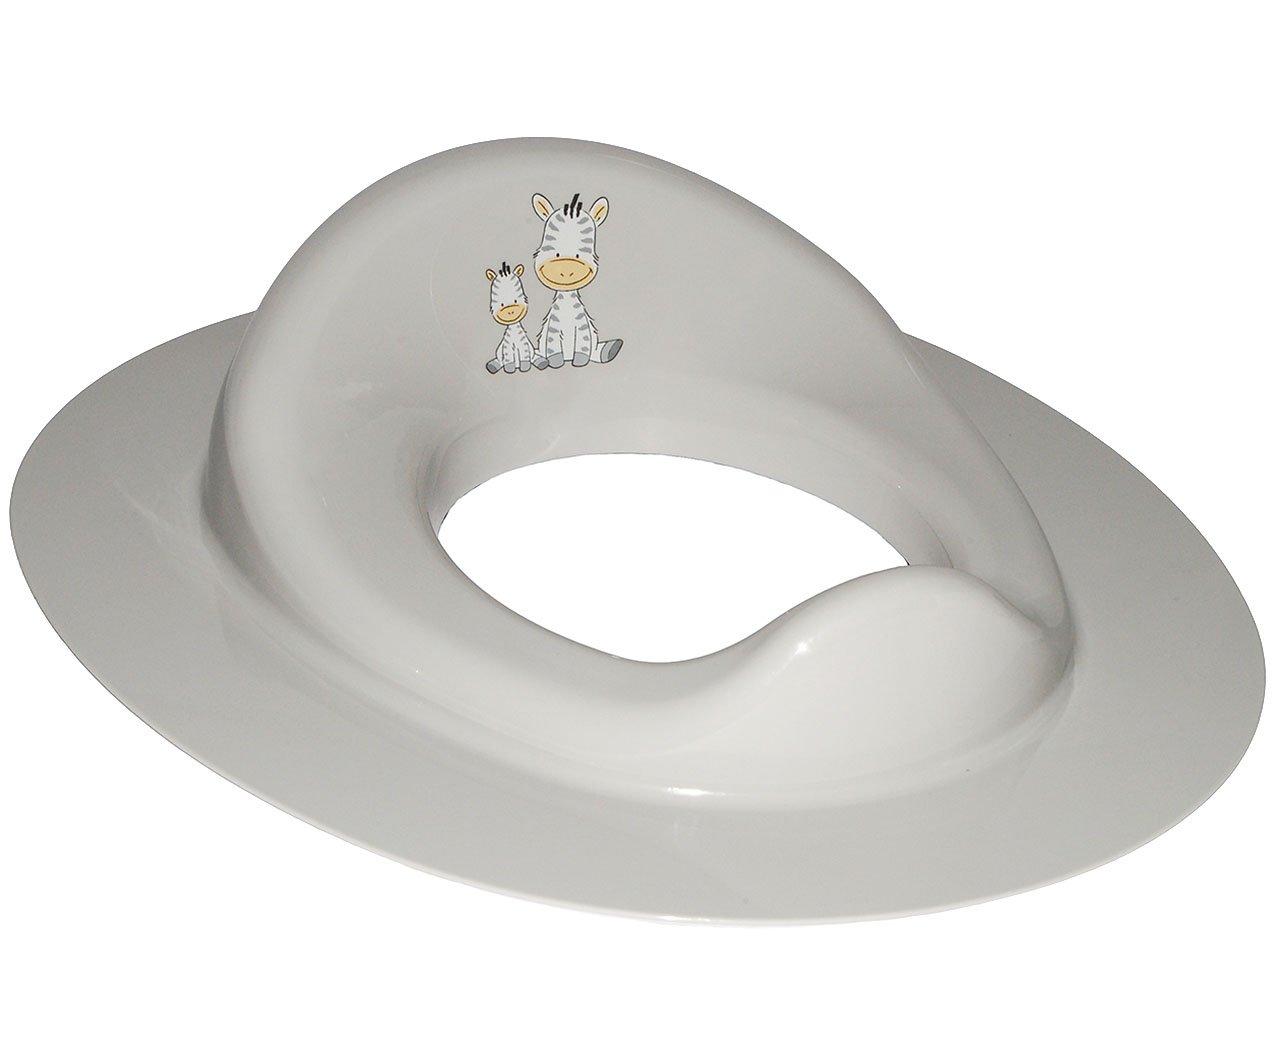 Unbekannt Toilettensitz / Toilettenaufsatz / Sitzverkleinerer -  Zebra - in grau  - incl. Namen - WC Toilettentrainer fü r Kinder - Jungen & Mä dchen - Standardgrö ß e mi.. Kinder-land